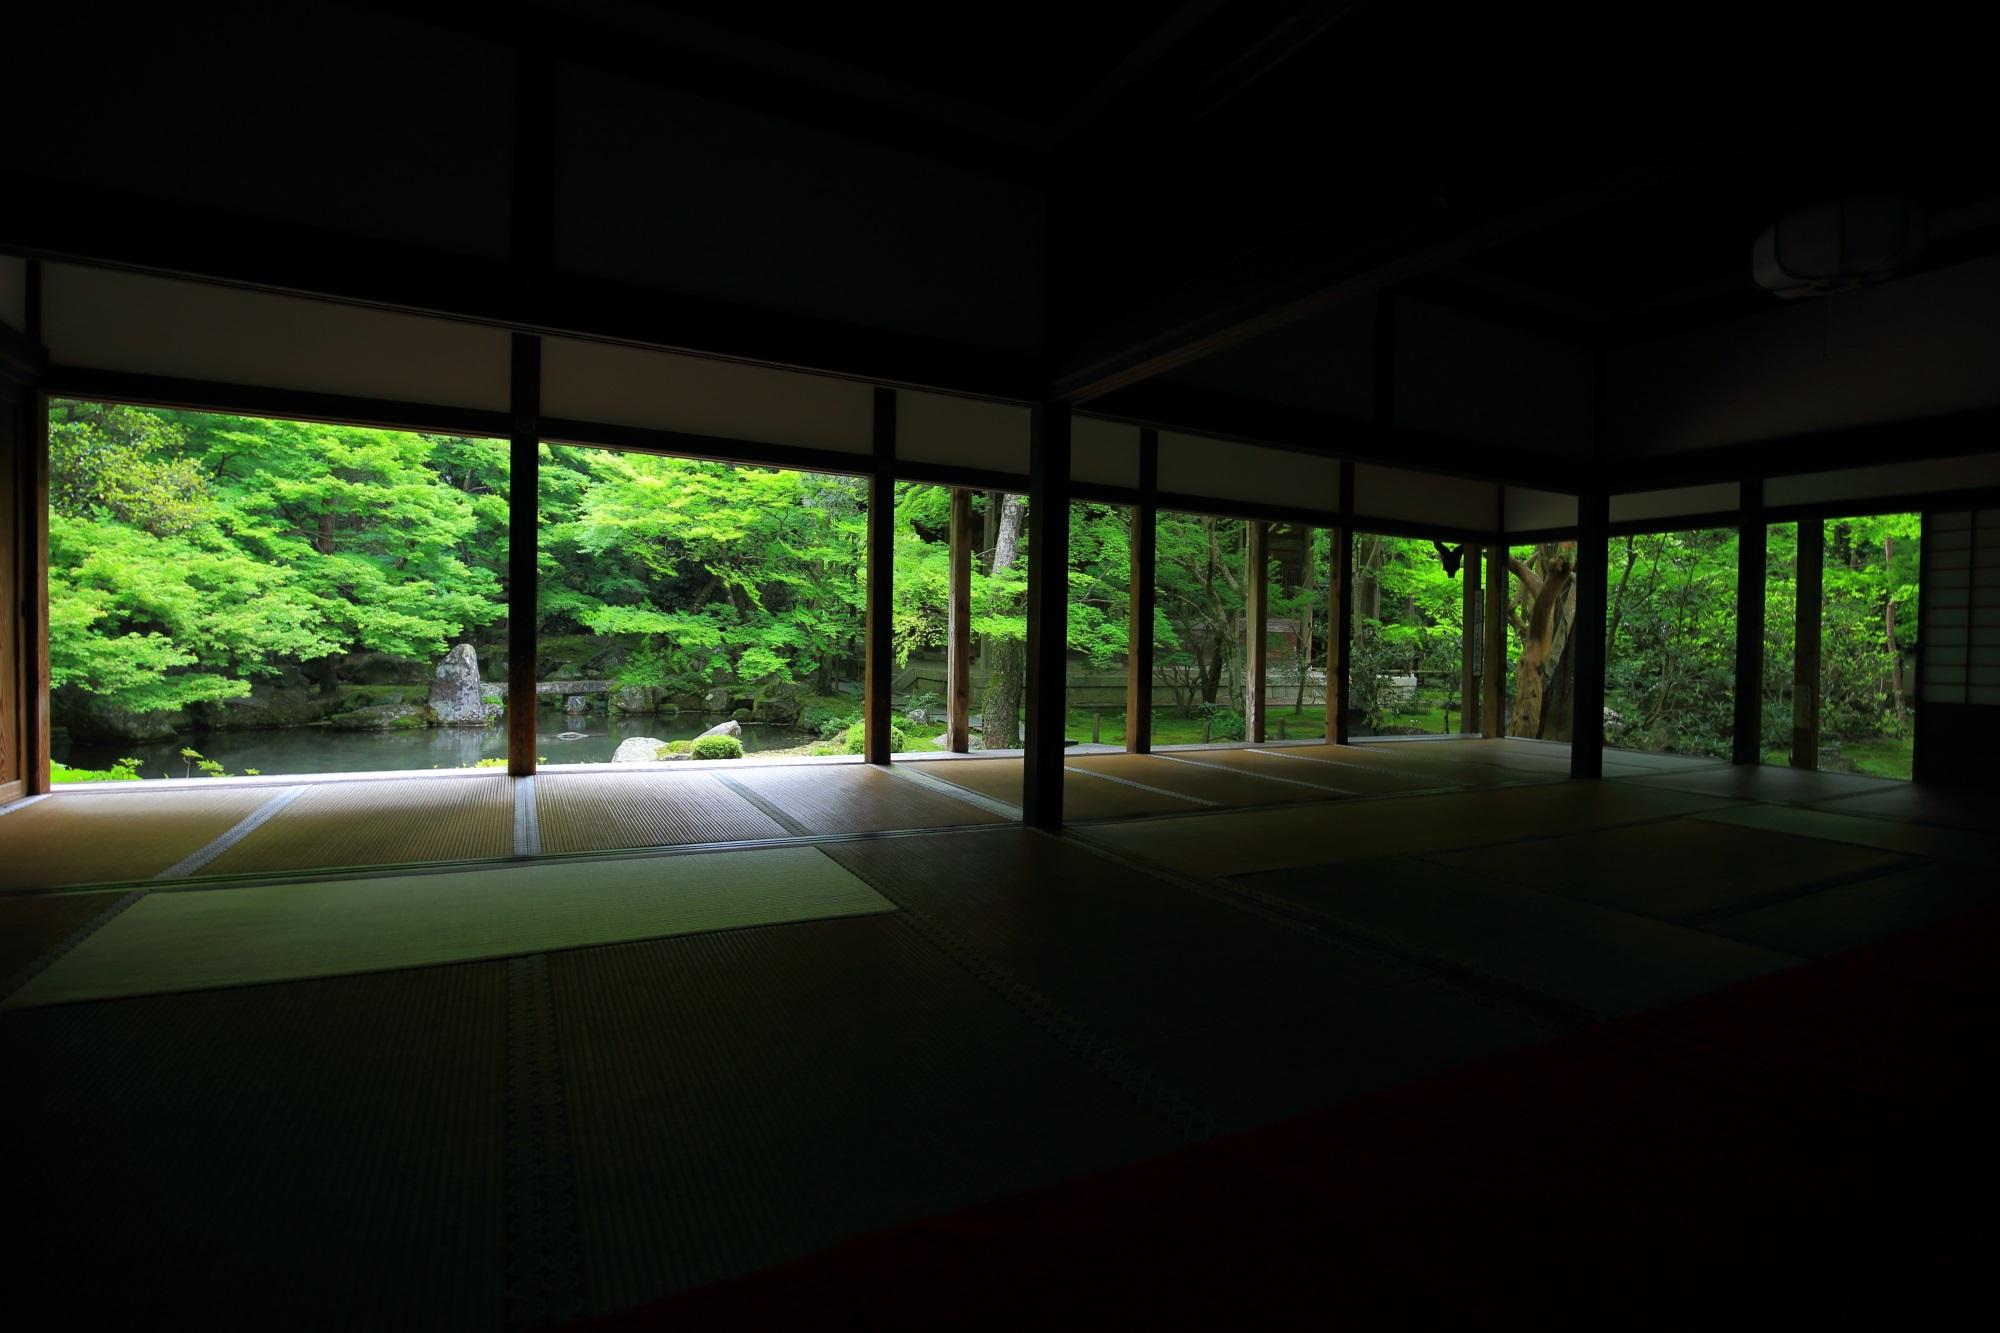 蓮華寺 写真 高画質 新緑